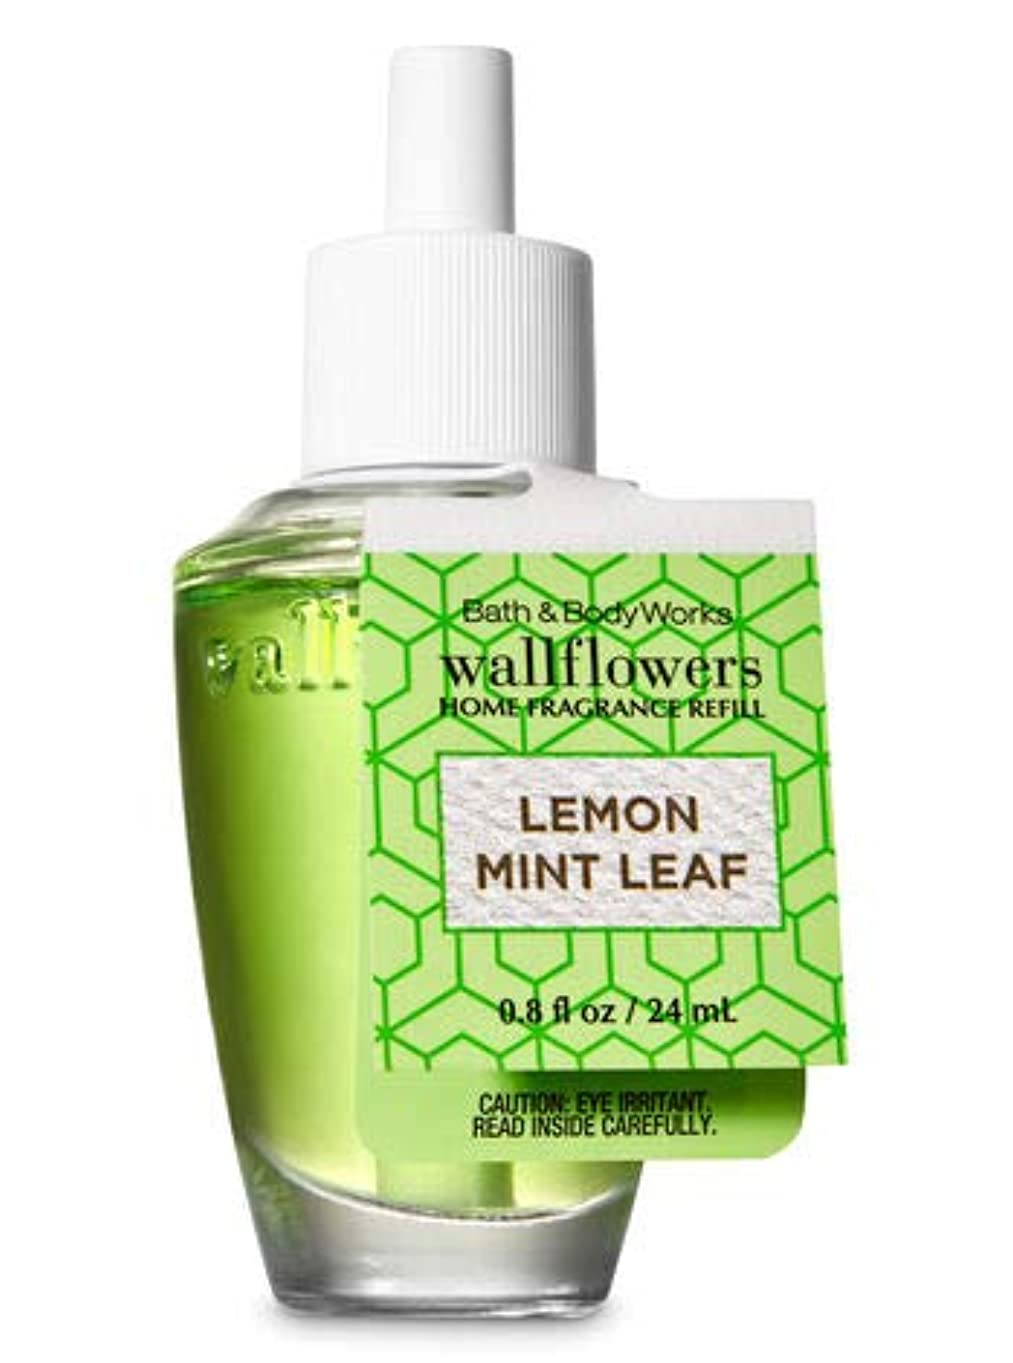 アンビエント勝つデータベース【Bath&Body Works/バス&ボディワークス】 ルームフレグランス 詰替えリフィル レモンミントリーフ Wallflowers Home Fragrance Refill Lemon Mint Leaf [並行輸入品]